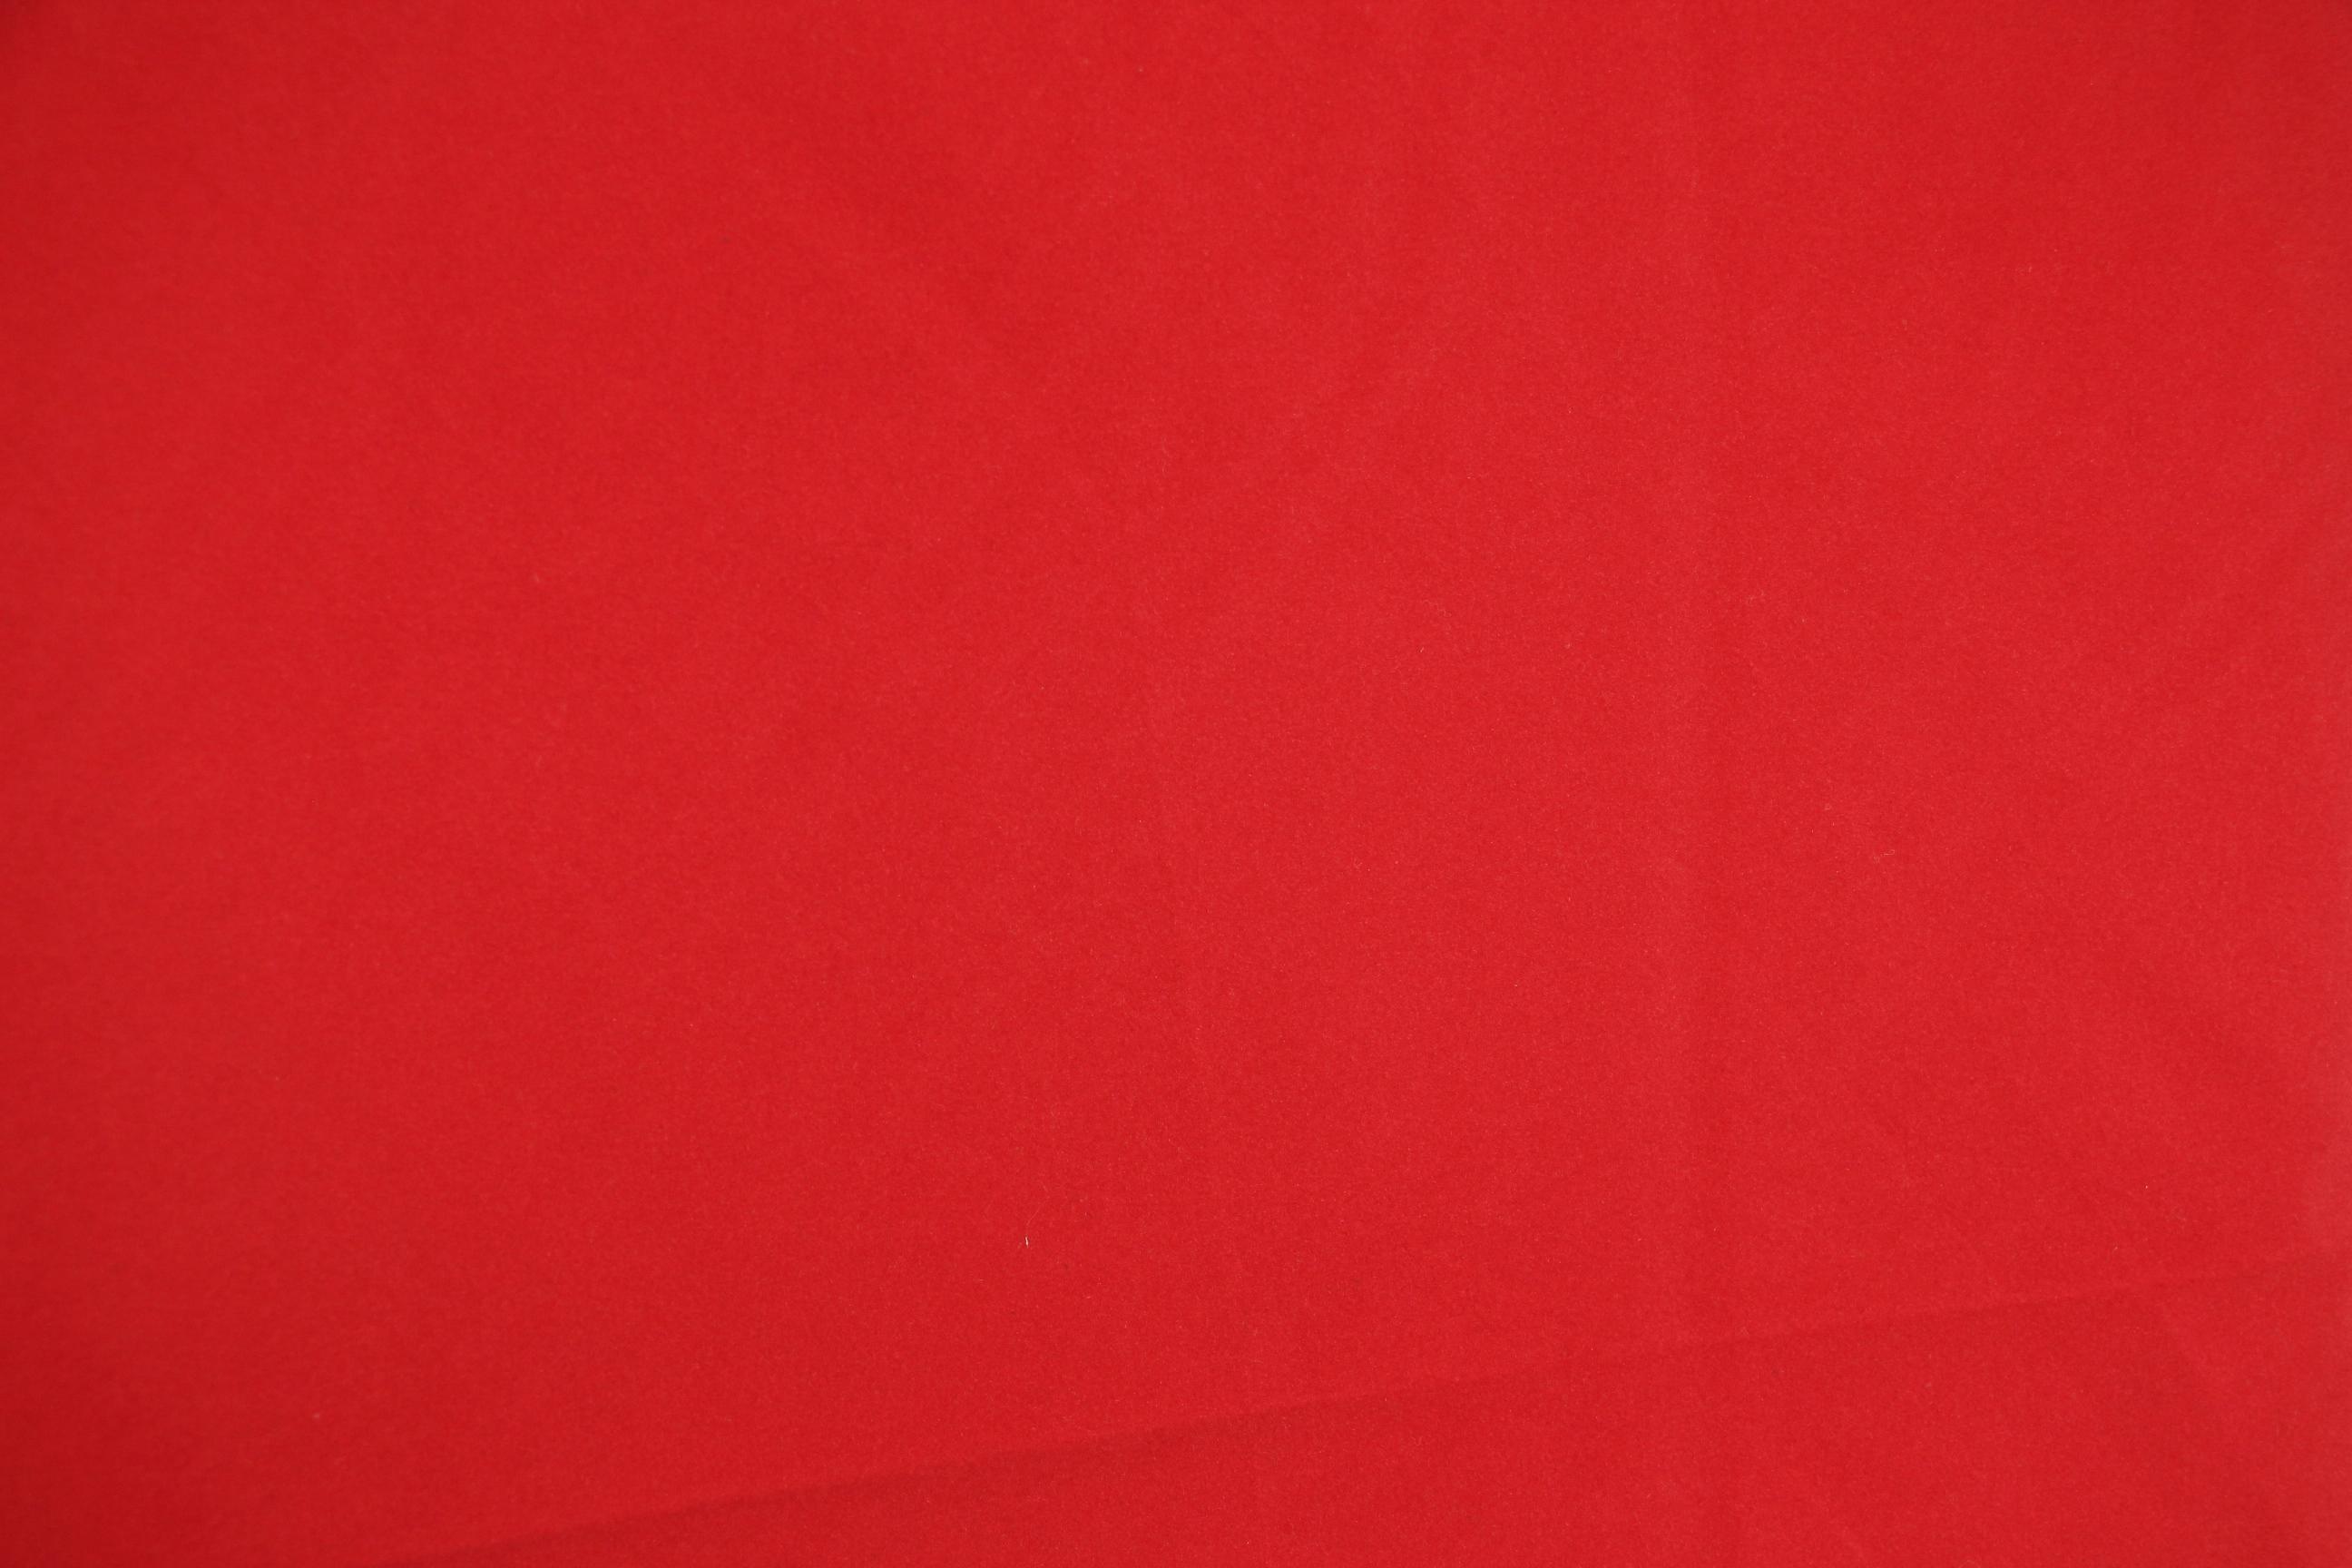 Chilli Red Velvet.JPG